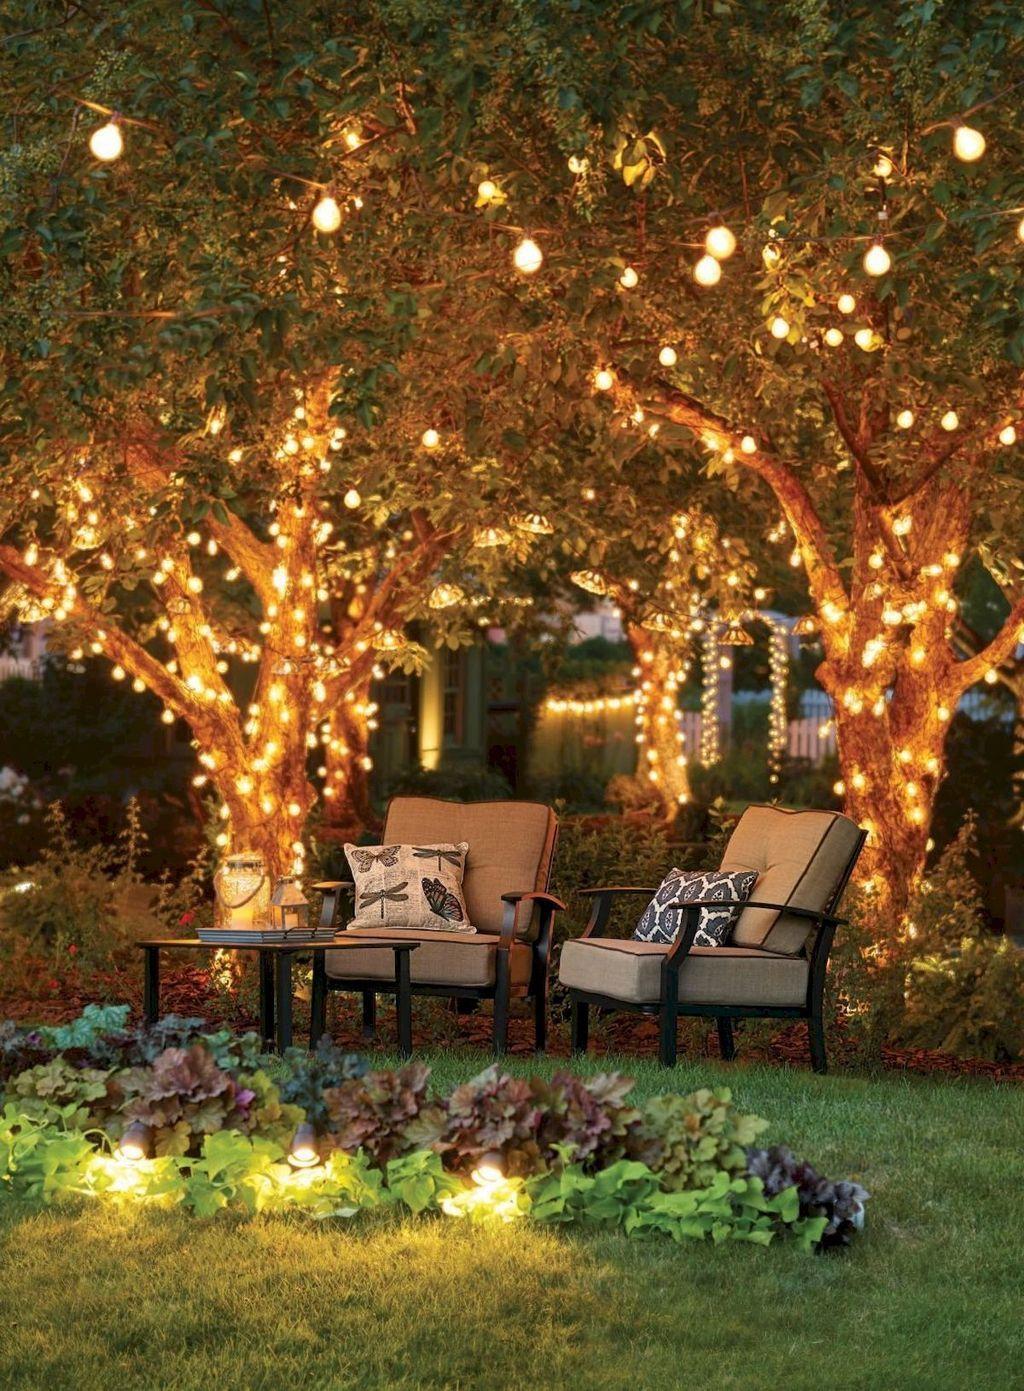 30 Marvelous Garden Lighting Design Ideas 30 Marvelous